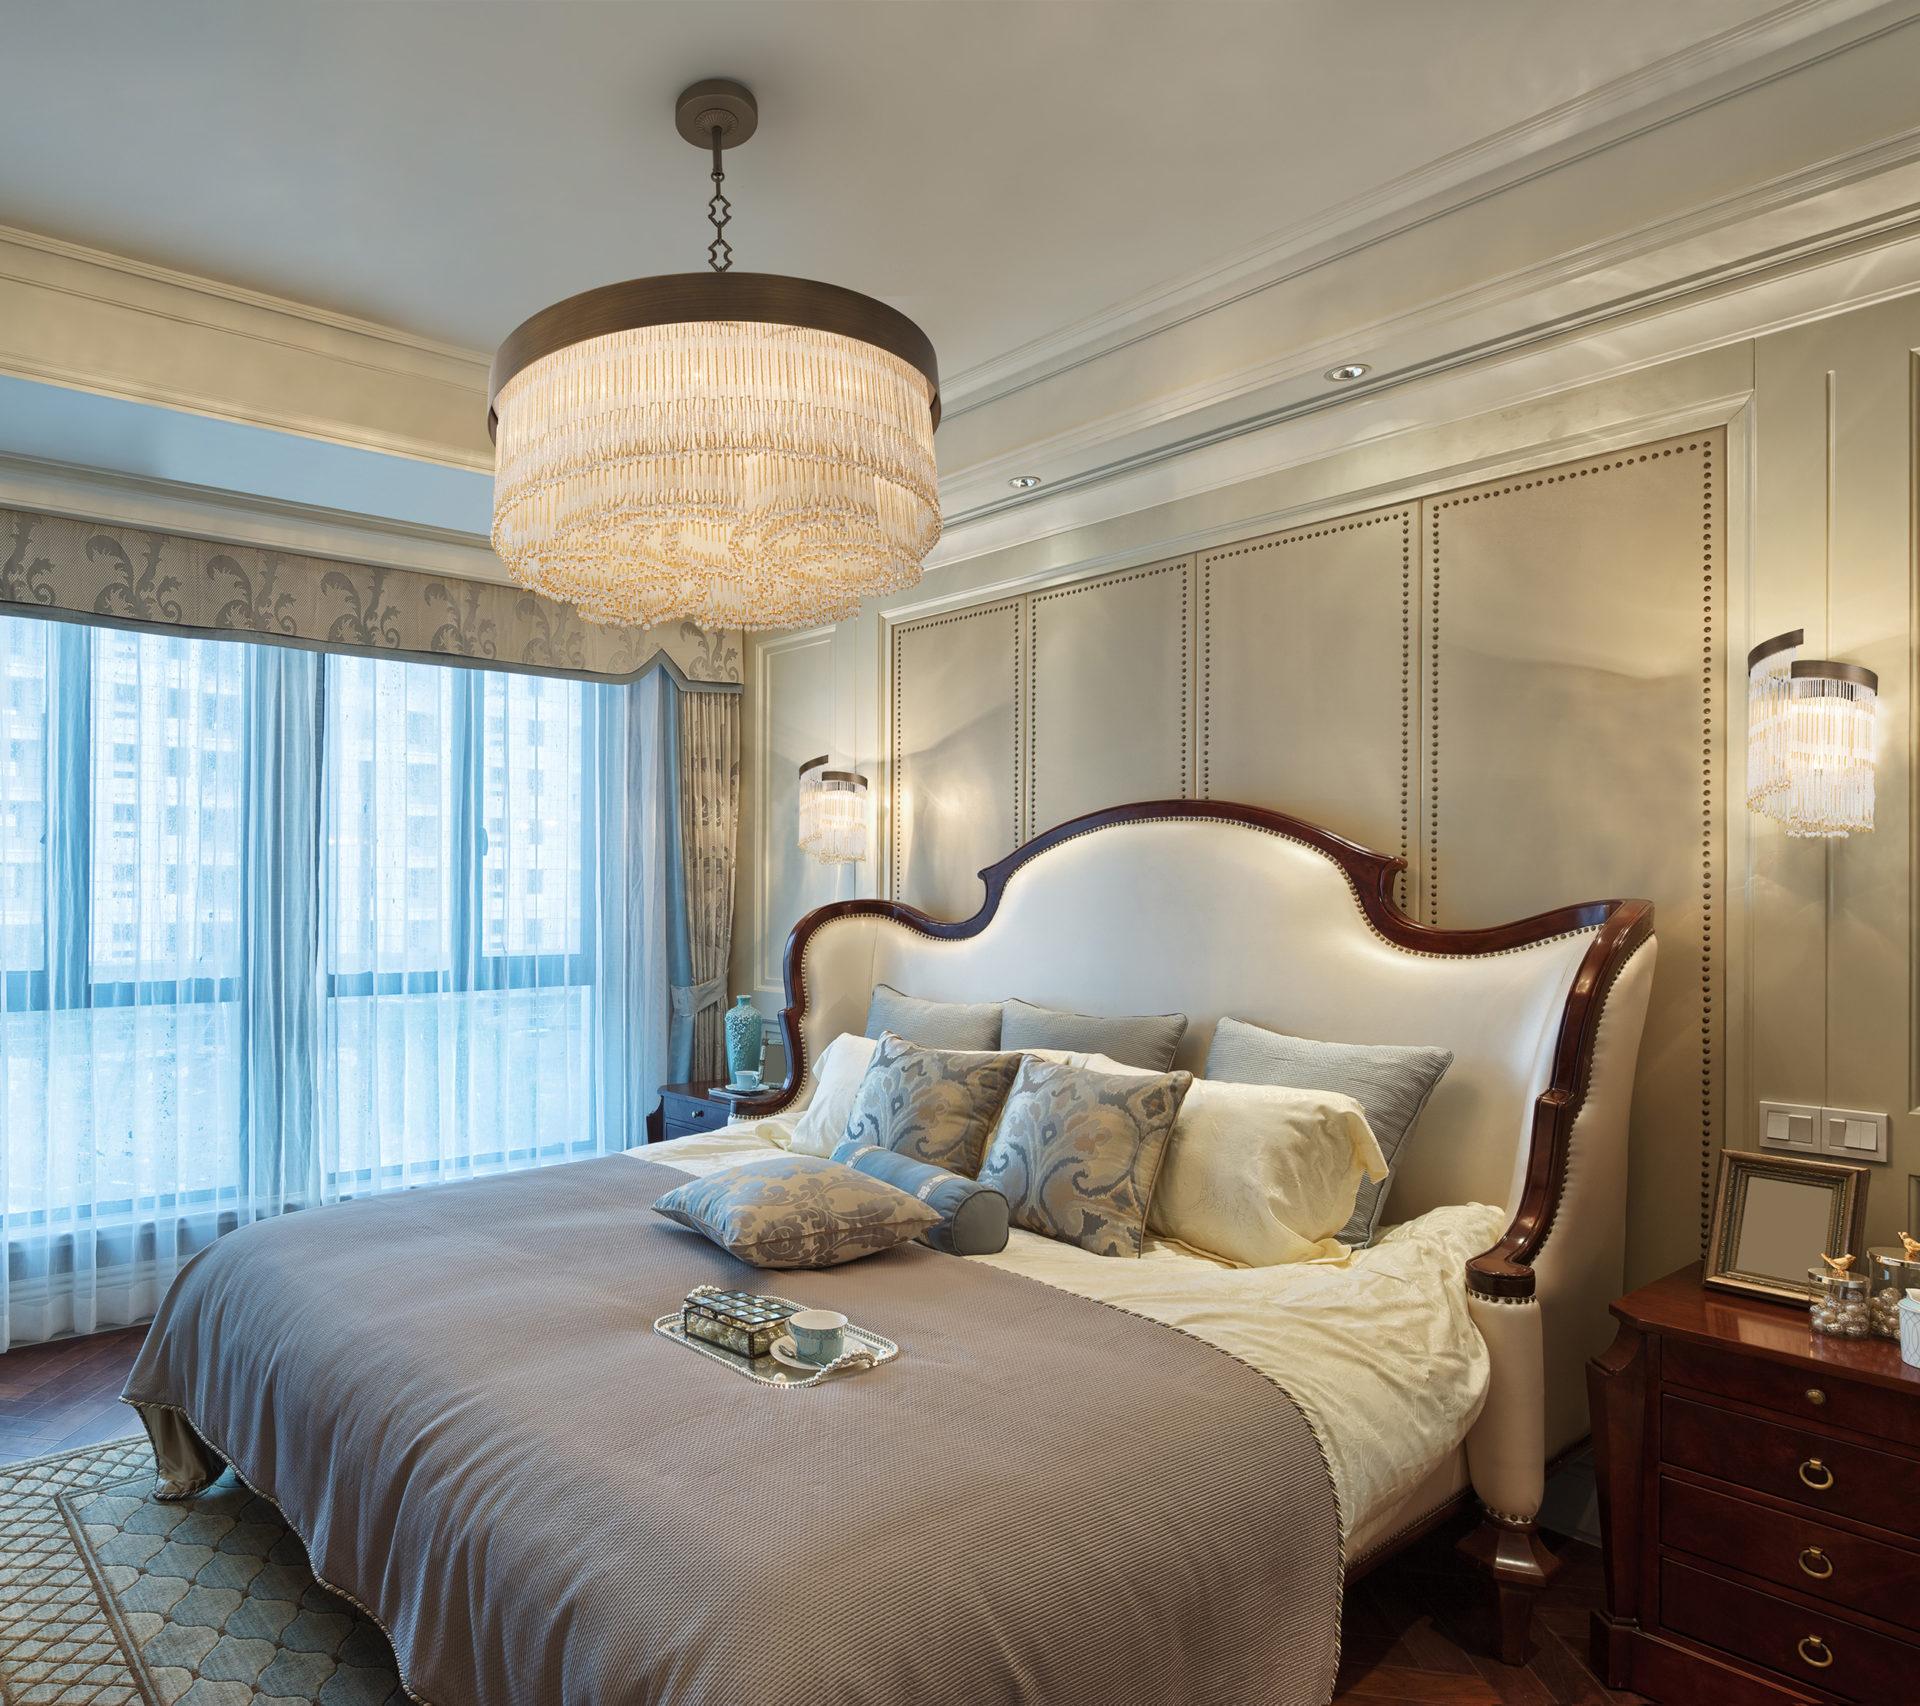 Consigli per un'illuminazione originale della camera da letto